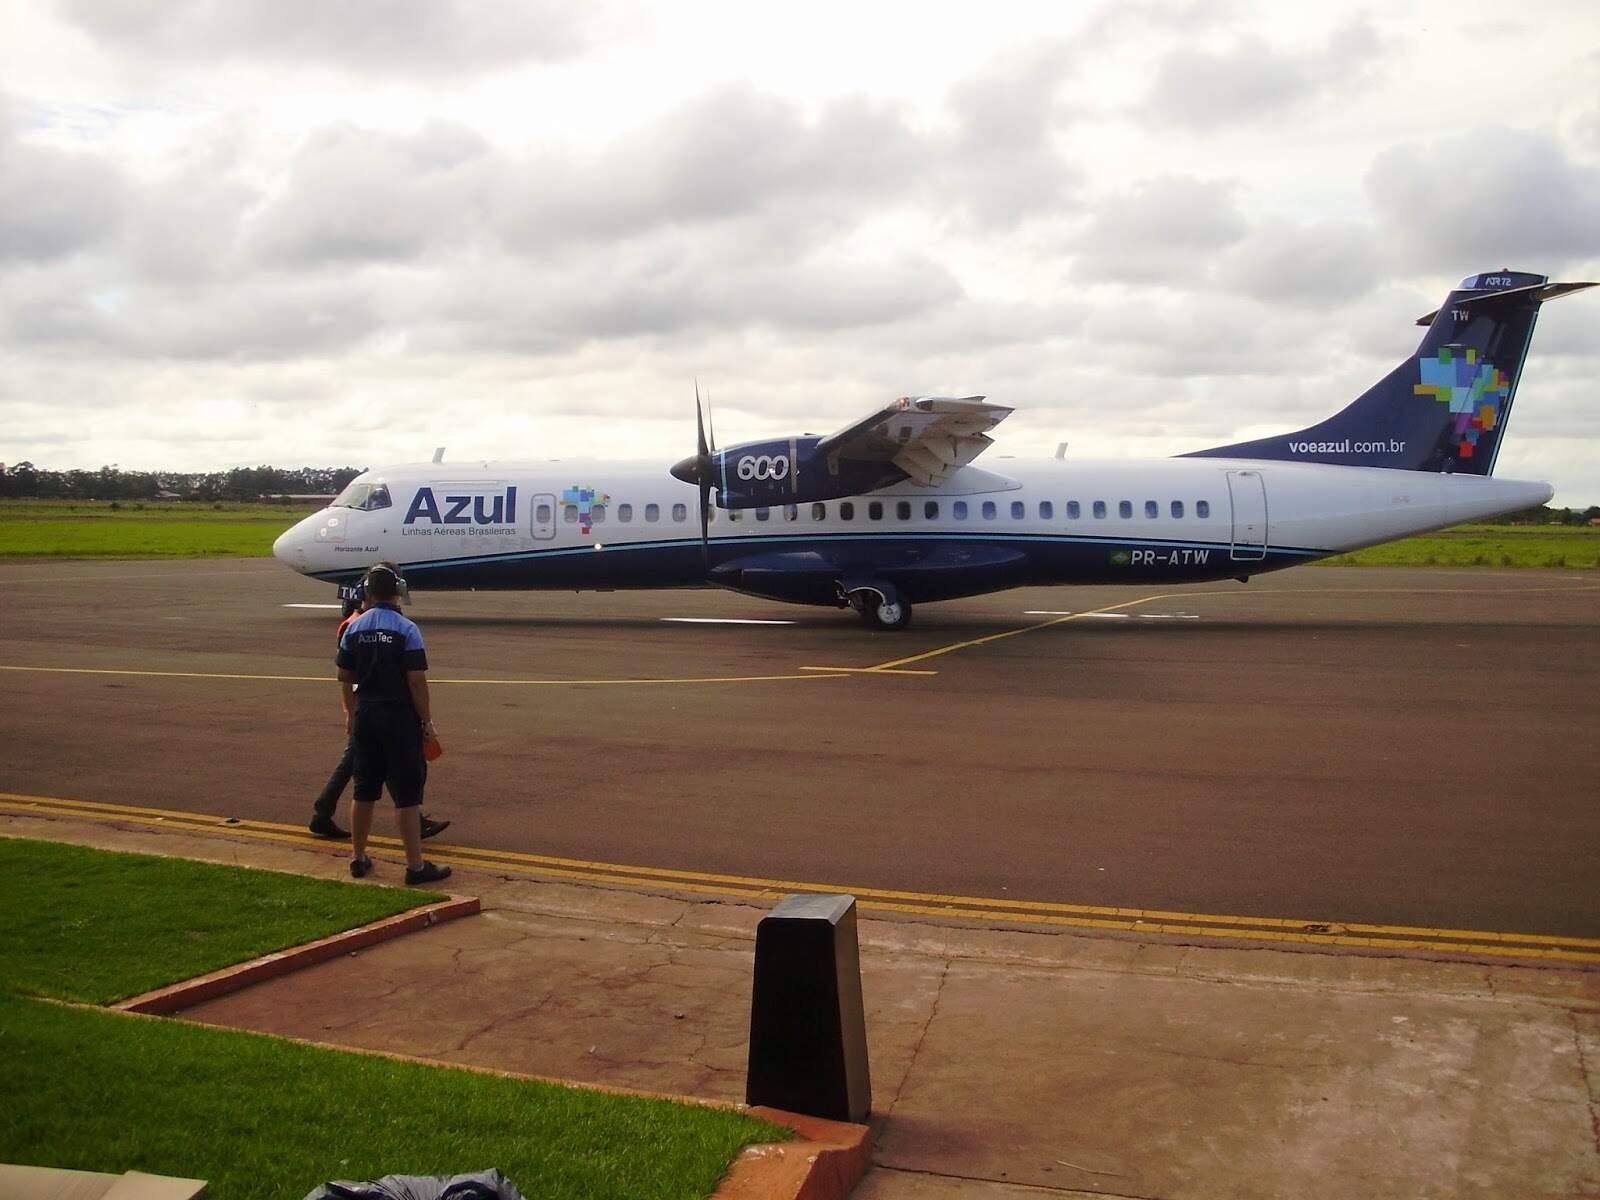 Avião da Azul no aeroporto de Dourados antes da suspensão dos voos em março (Foto: Divulgação)